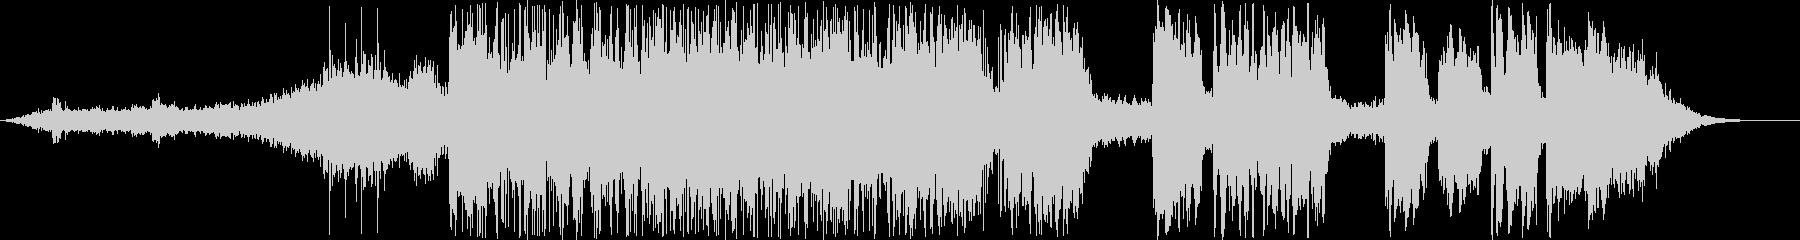 ティンパニの雄牛の未再生の波形